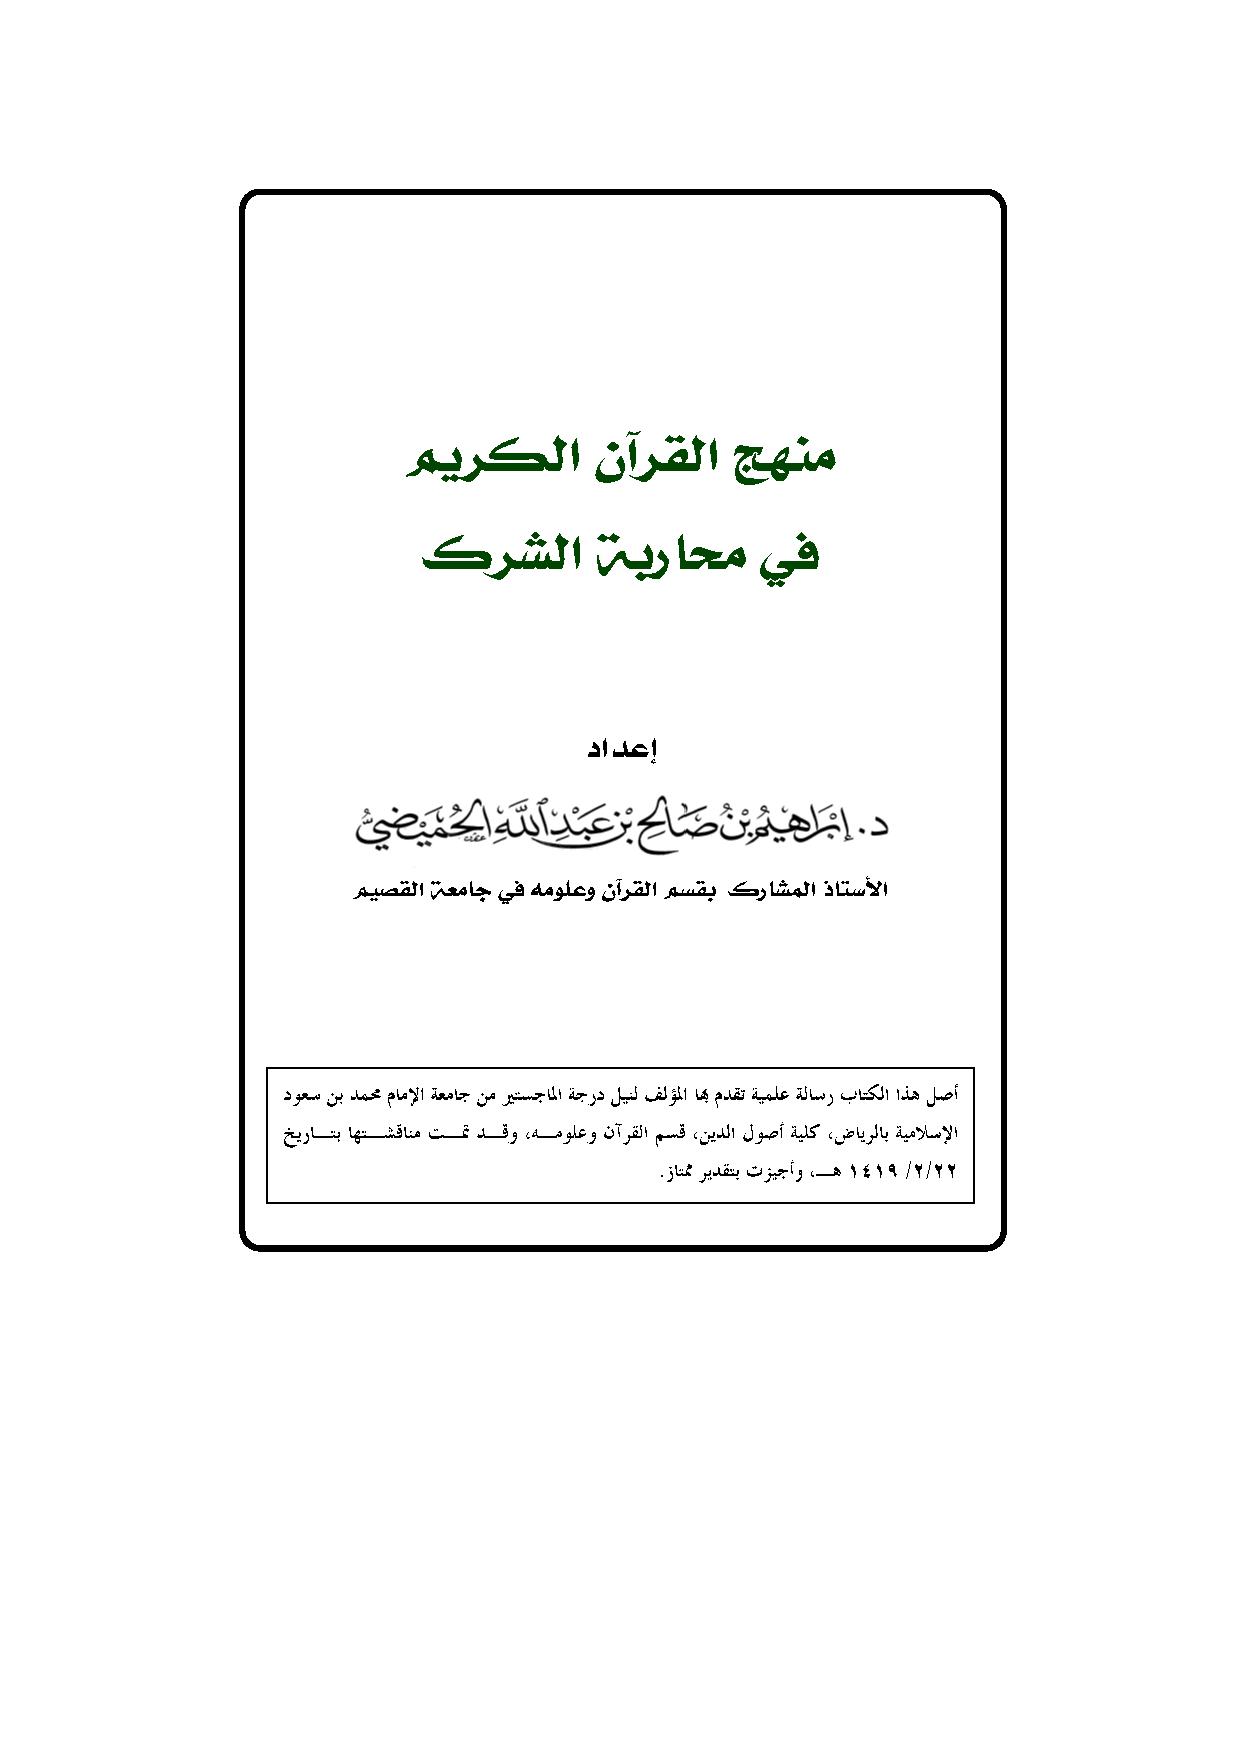 تحميل كتاب منهج القرآن الكريم في محاربة الشرك لـِ: الدكتور إبراهيم بن صالح الحميضي